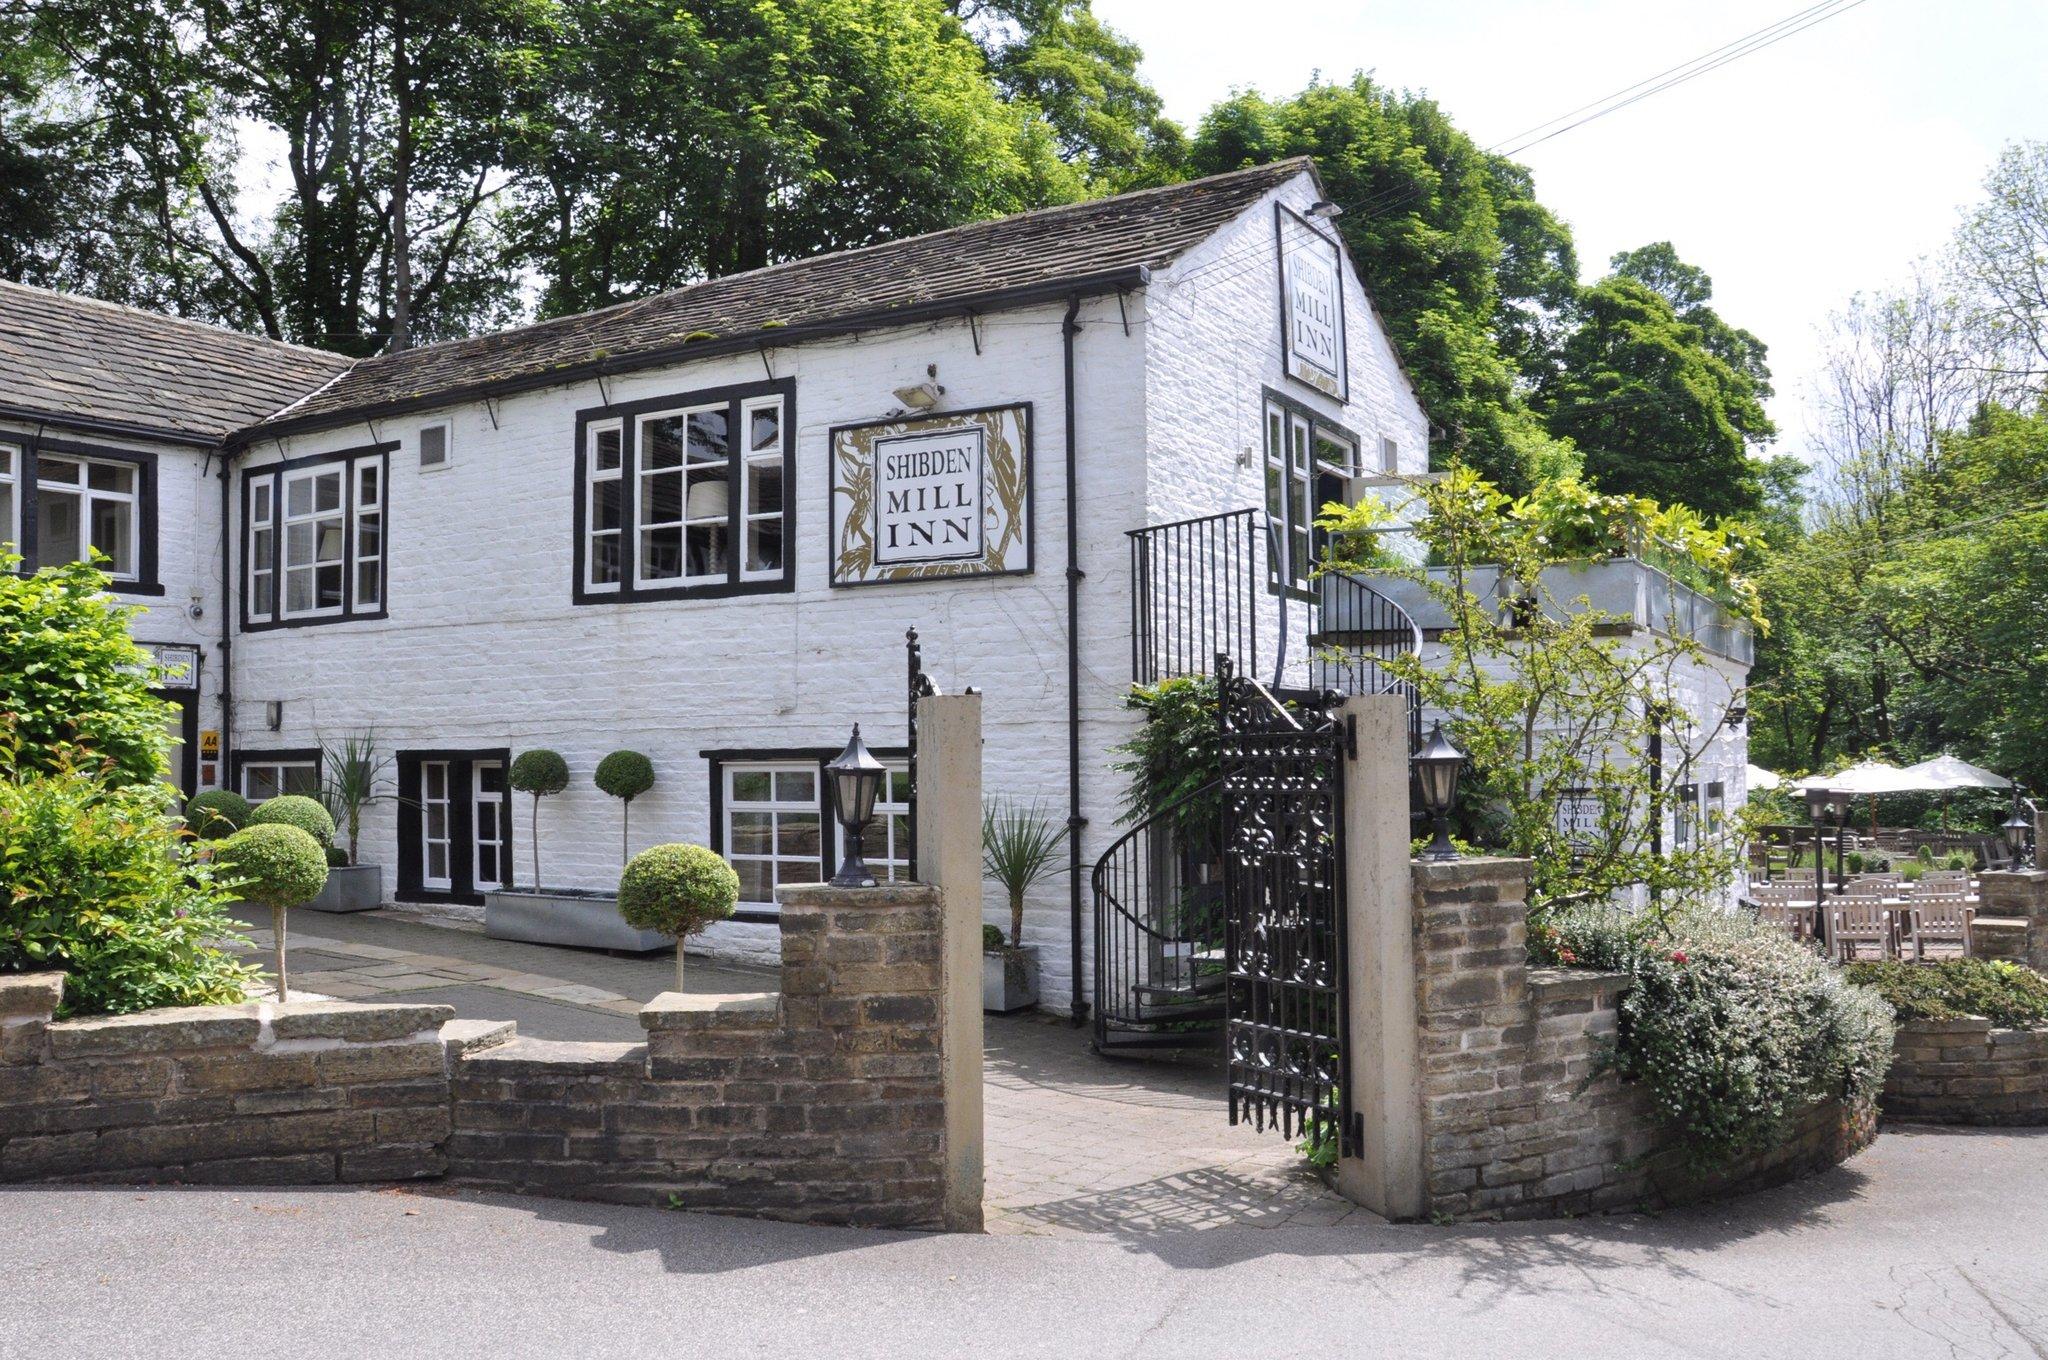 Shibden Mill Inn - West Yorkshire